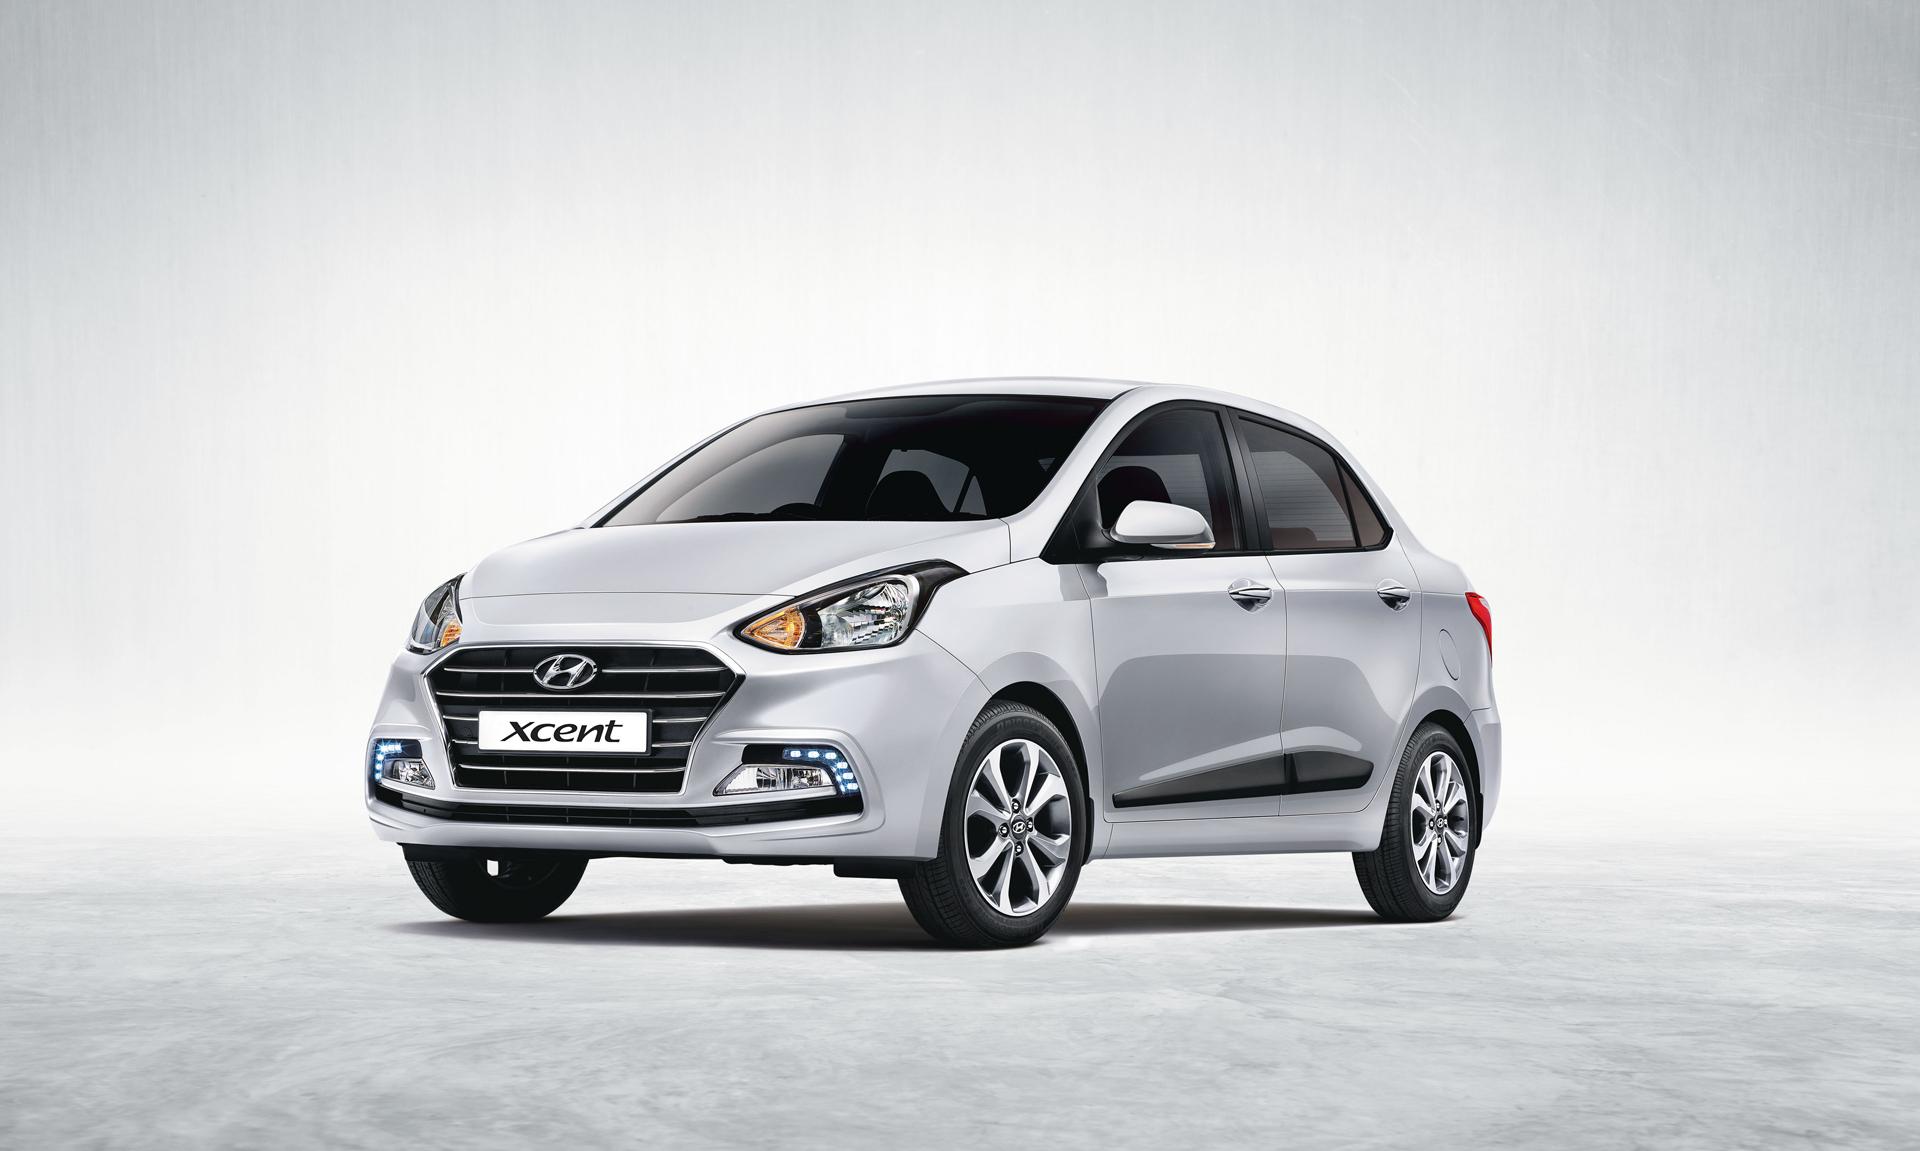 Hyundai Xcent 2017 E Image